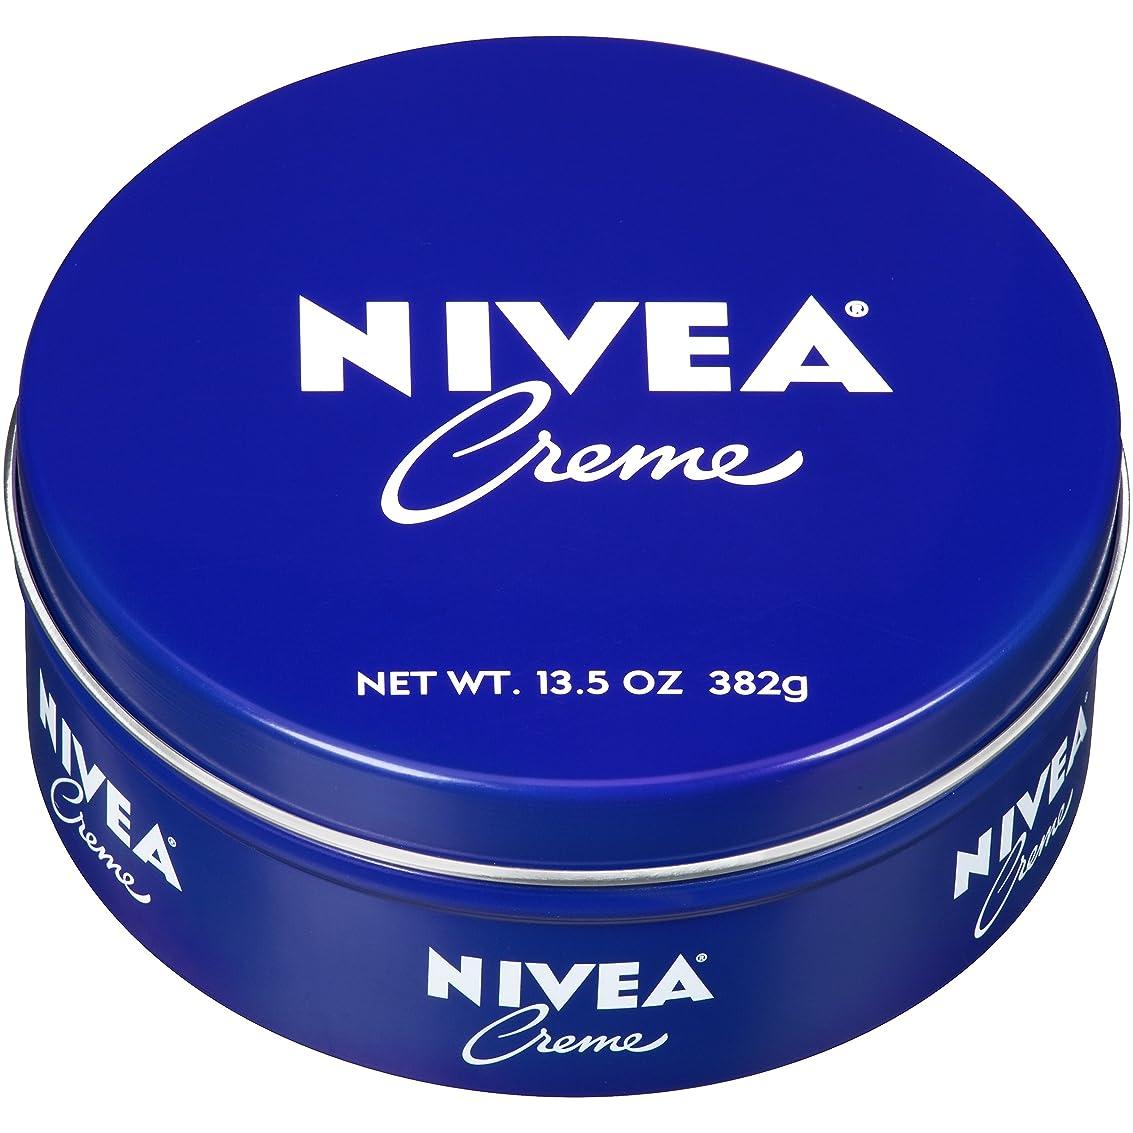 魅力的であることへのアピール想像力実際のNIVEA ニベア クリーム 特大サイズ 400g アルミ缶